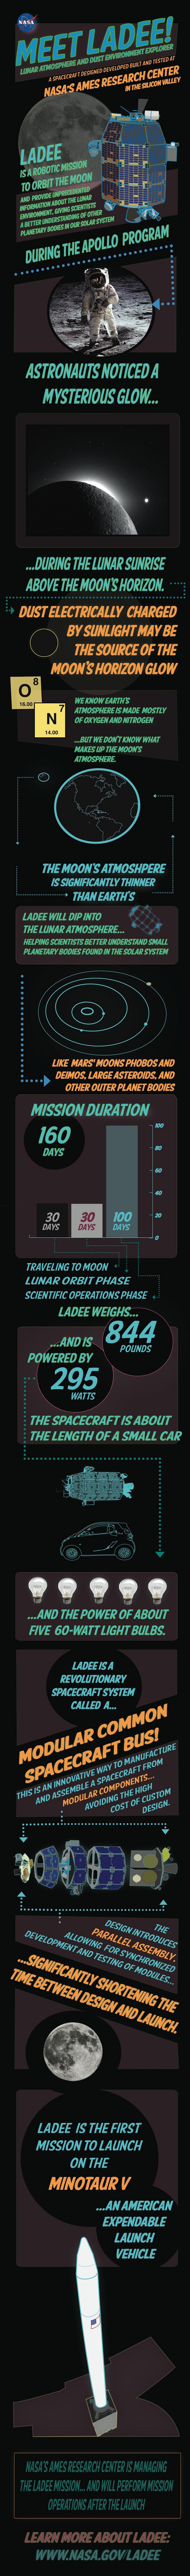 ladee-infographic